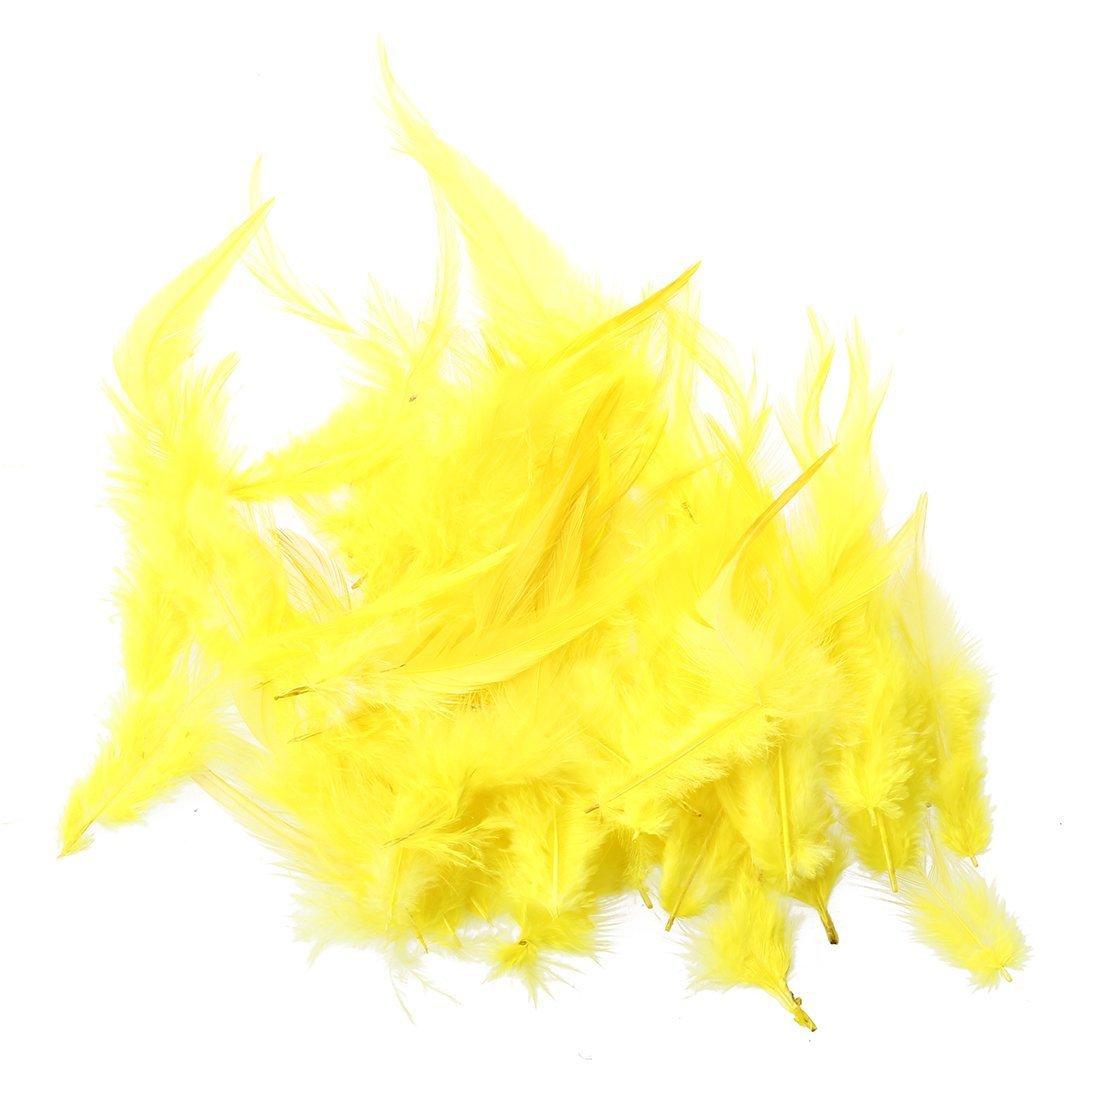 50 PCS De Plumas De Gallo Tenidas Para Decoracion 10-15 Cm SODIAL R Amarillo